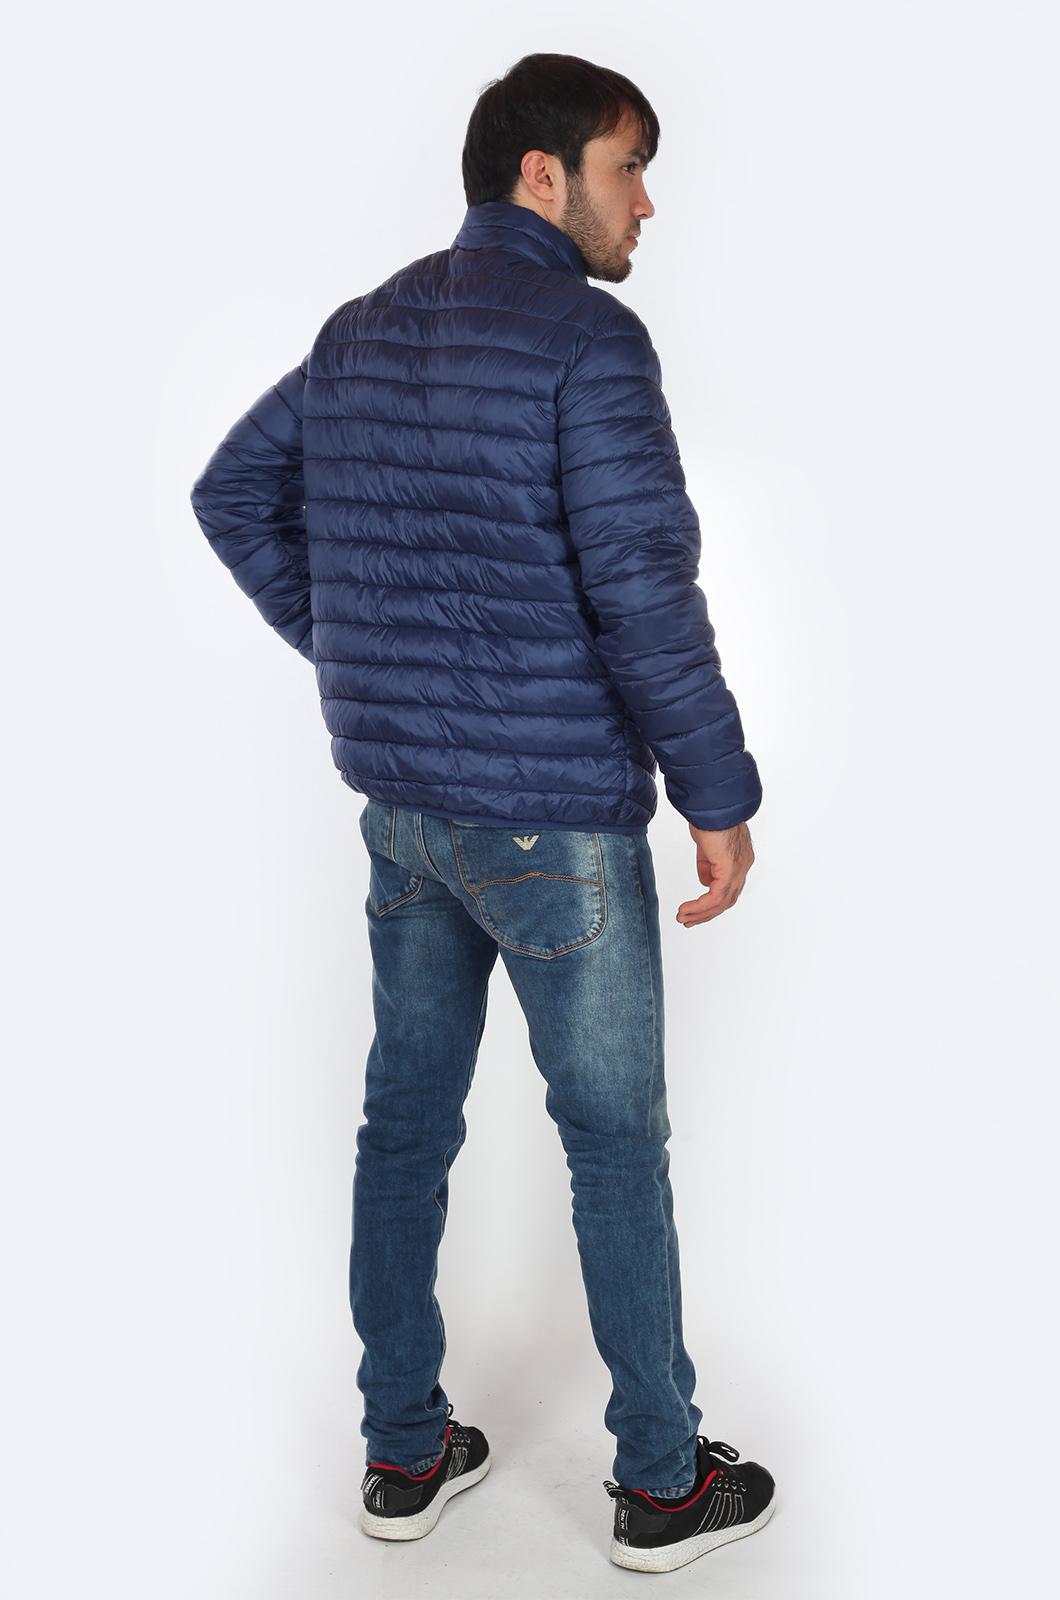 Мужская куртка синего цвета от JCT & CO (США) для прохладного межсезонья